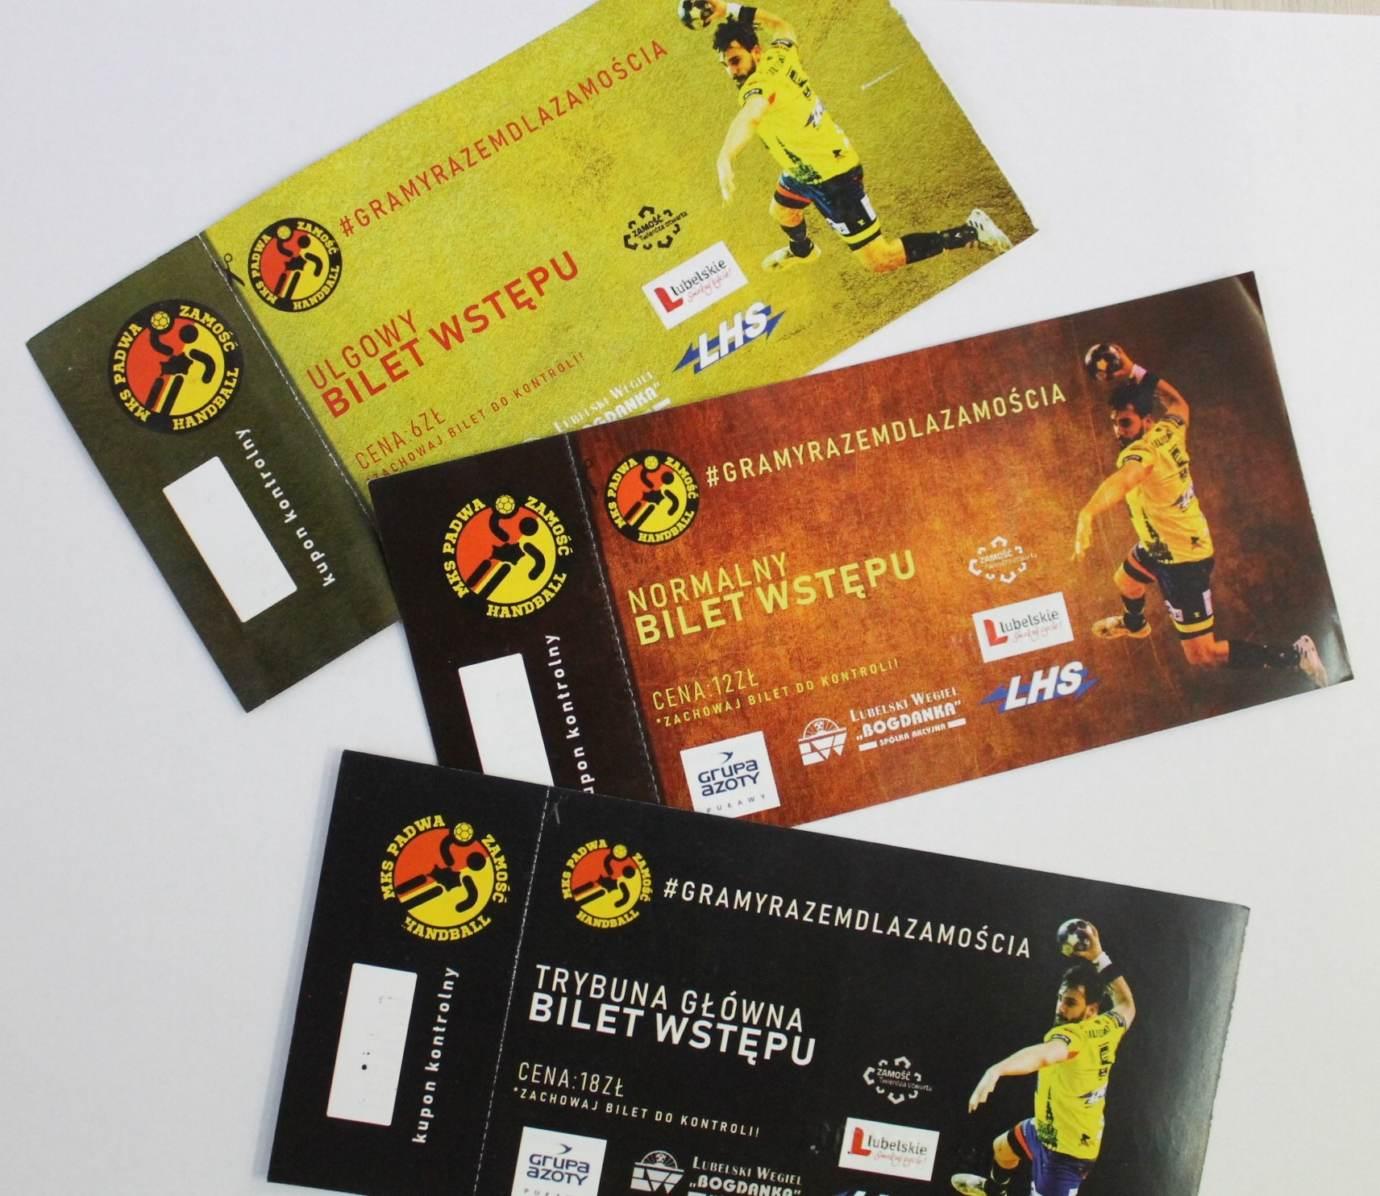 74987787 522143781672599 5906106500501209088 n Ruszyła przedsprzedaż biletów na mecz Padwa Zamość – KPR Legionowo.